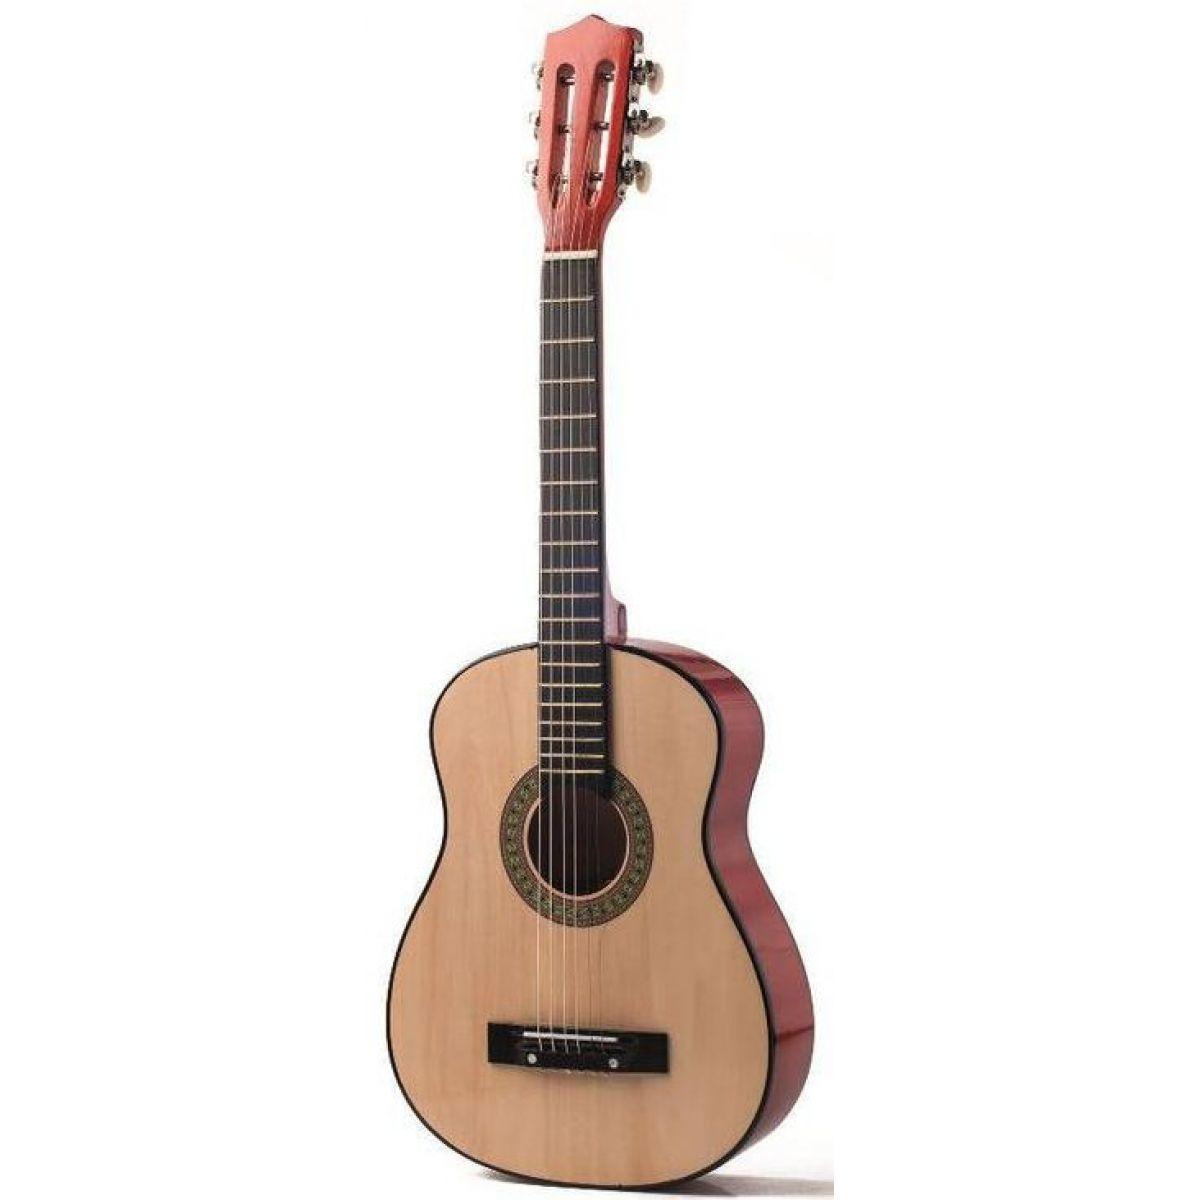 Woody Gitara drevená kovové struny 80 cm